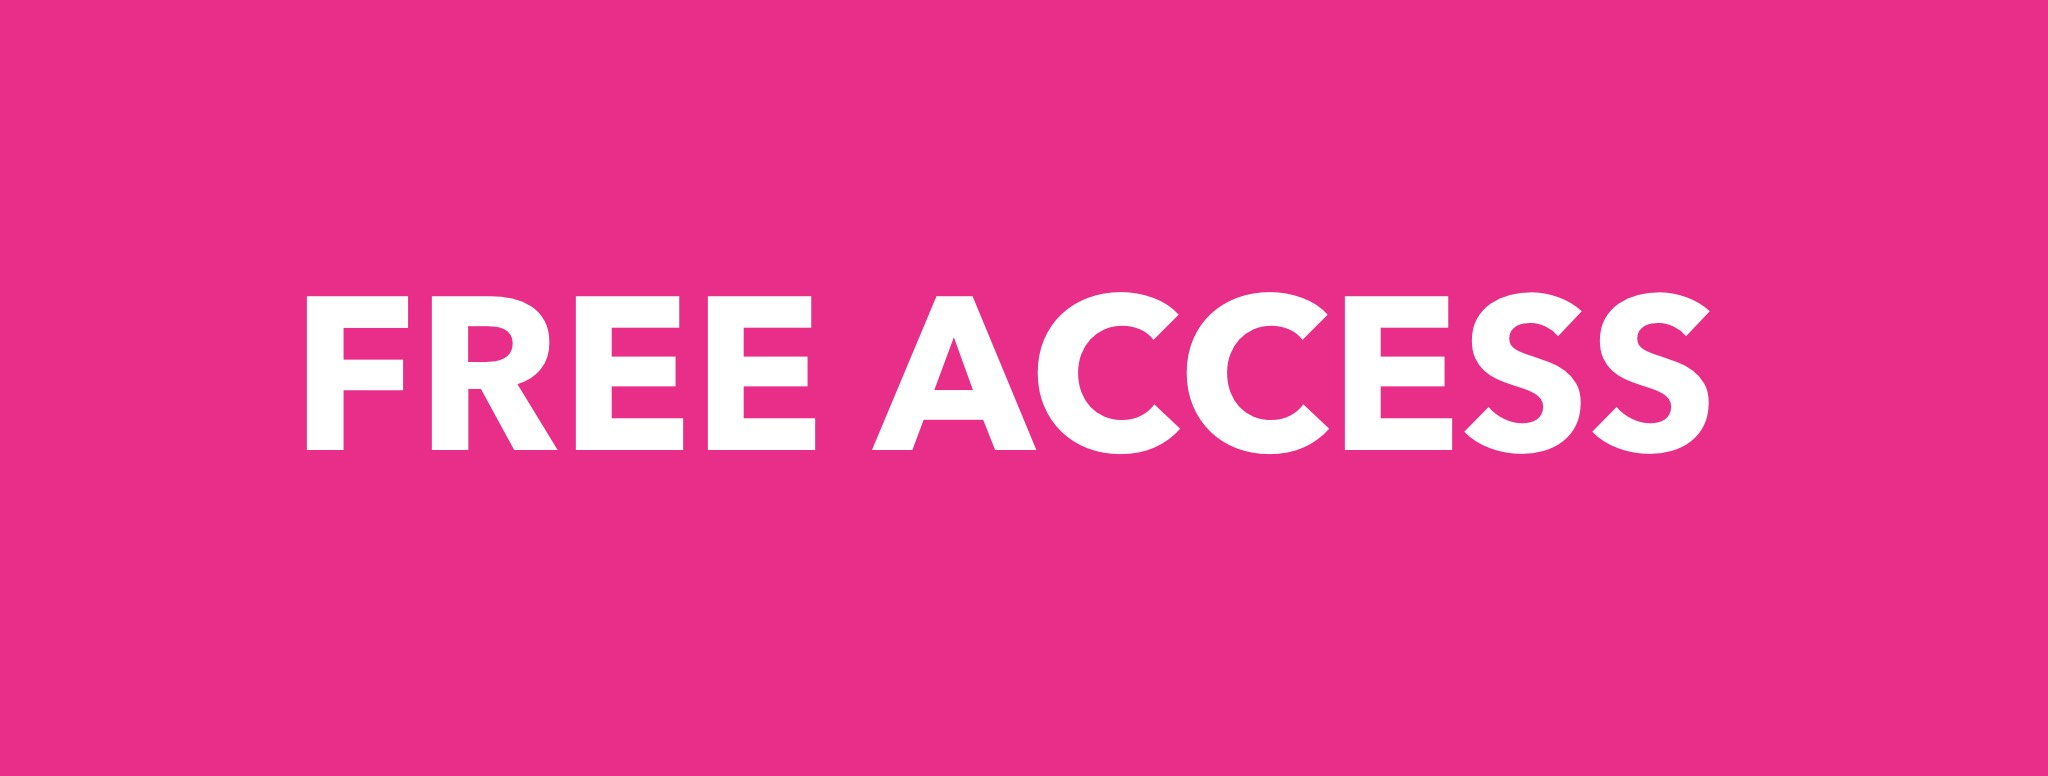 free-access-gutsygirlclub.jpg